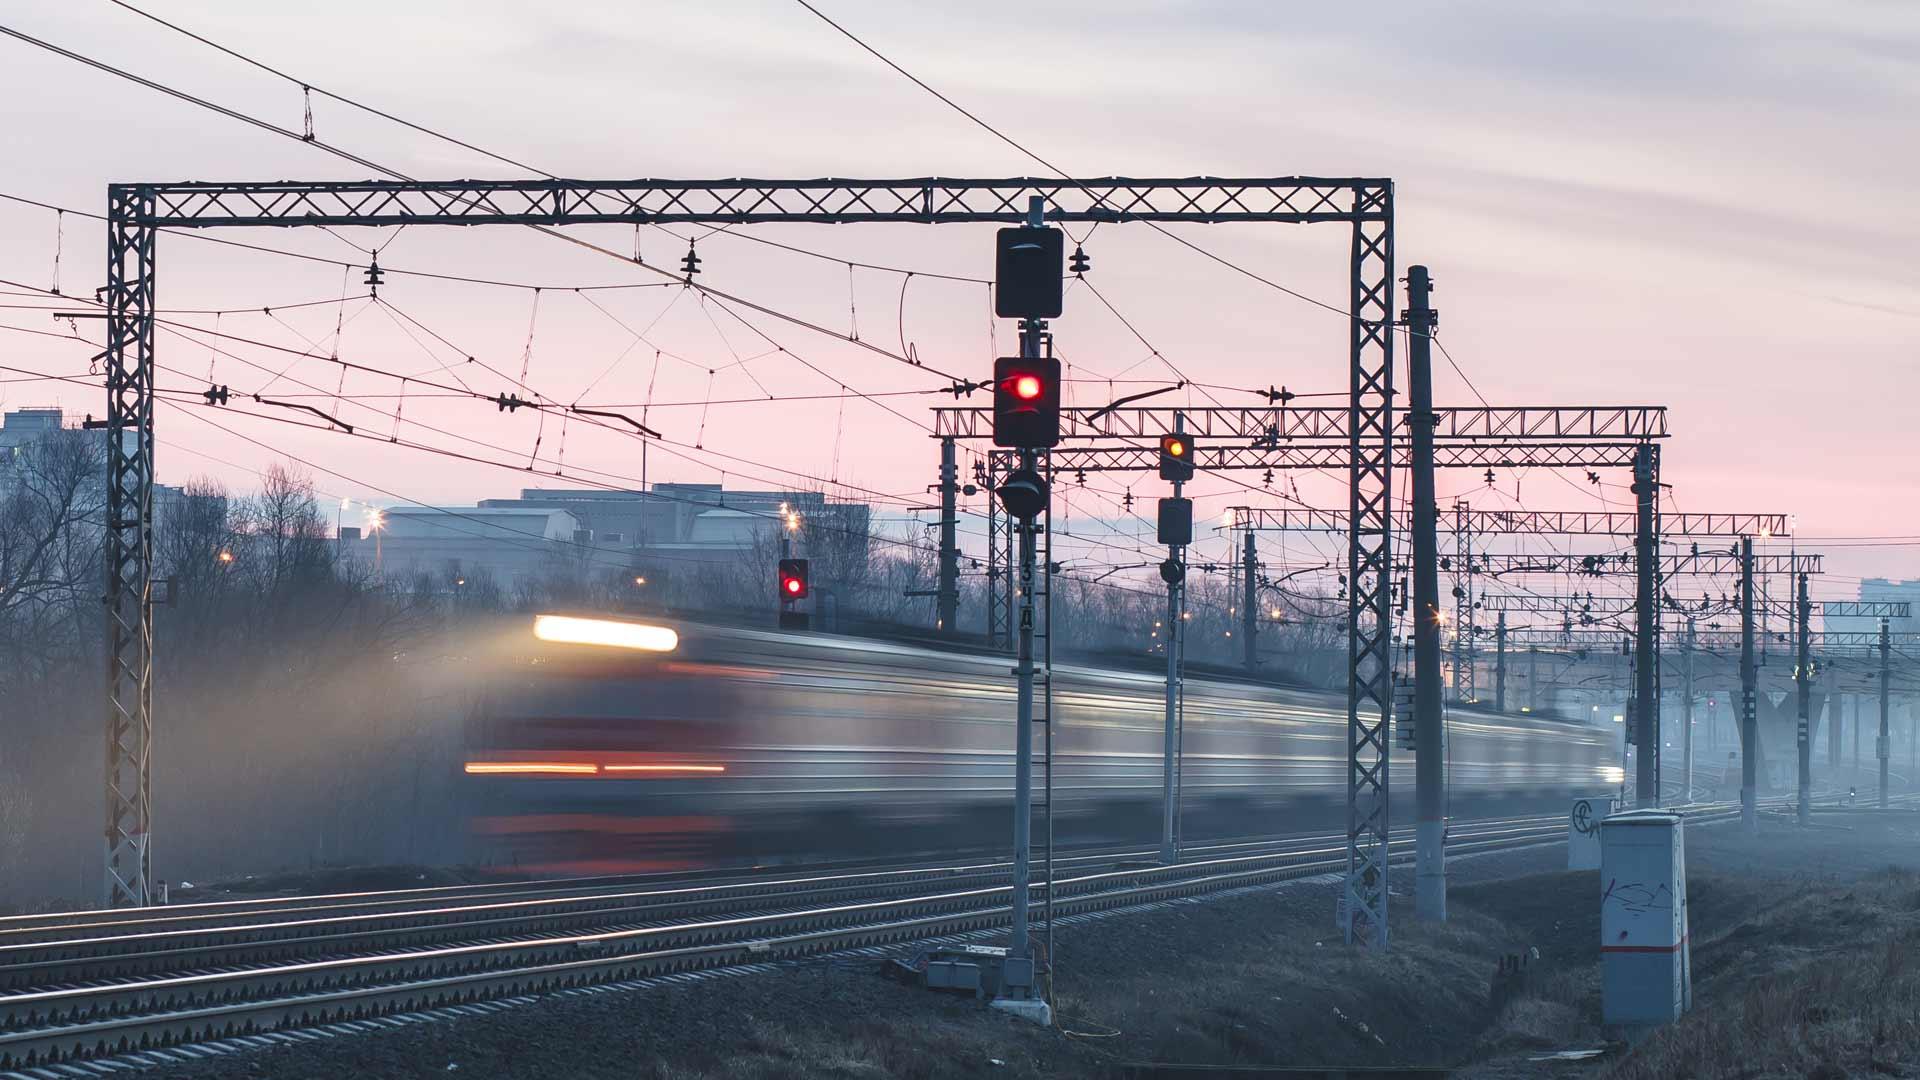 railway connectors